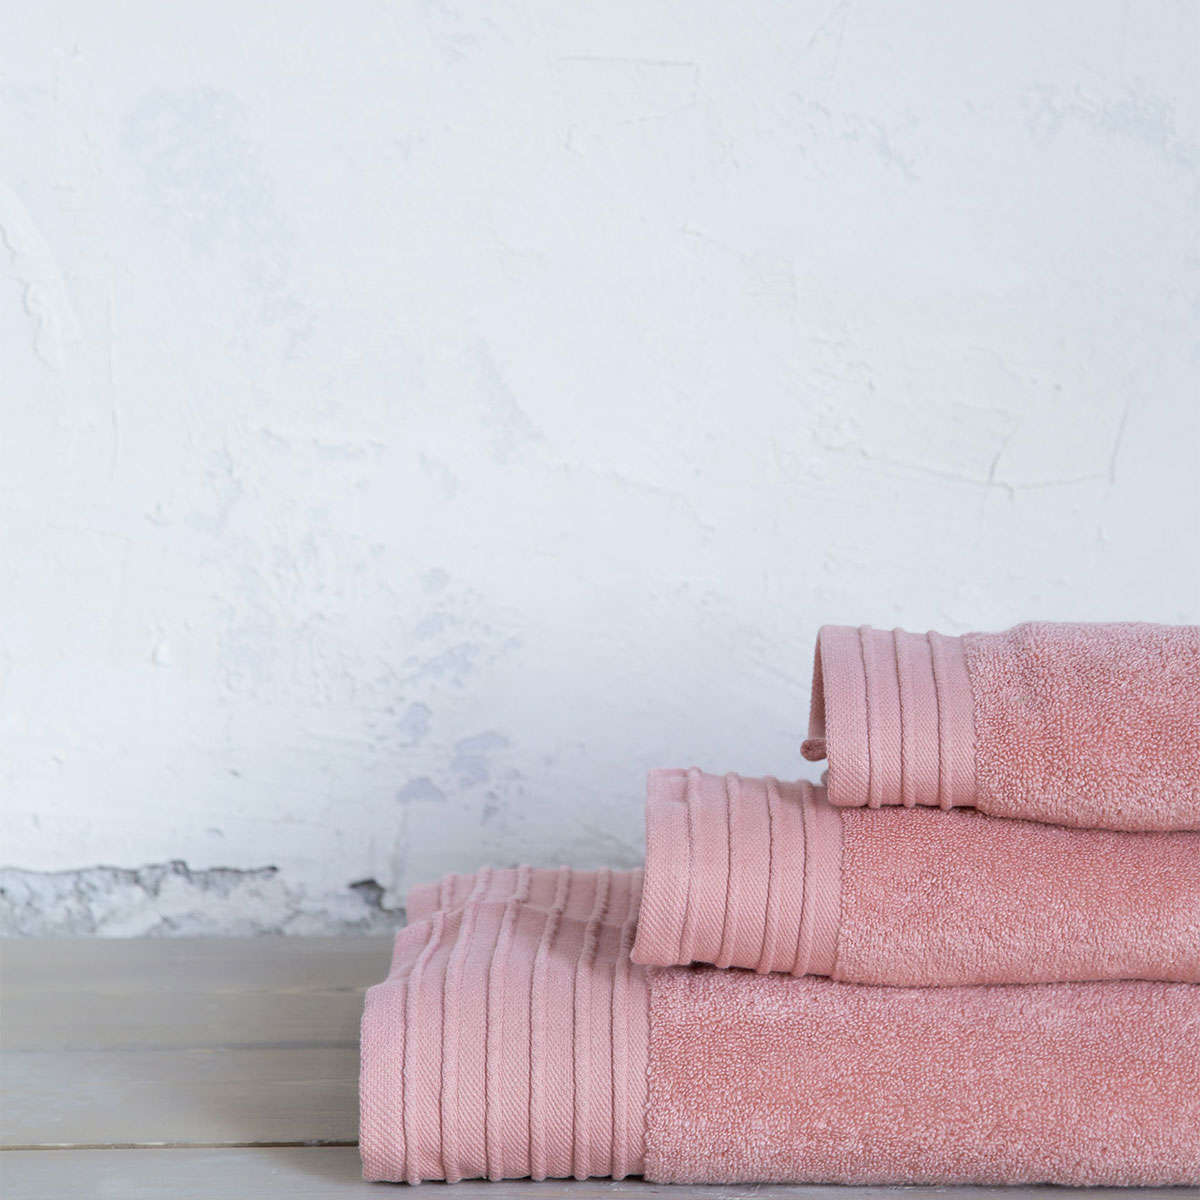 Πετσέτες Σετ 3τμχ. Feel Fresh – Strawberry Pink Nima Σετ Πετσέτες 90x145cm